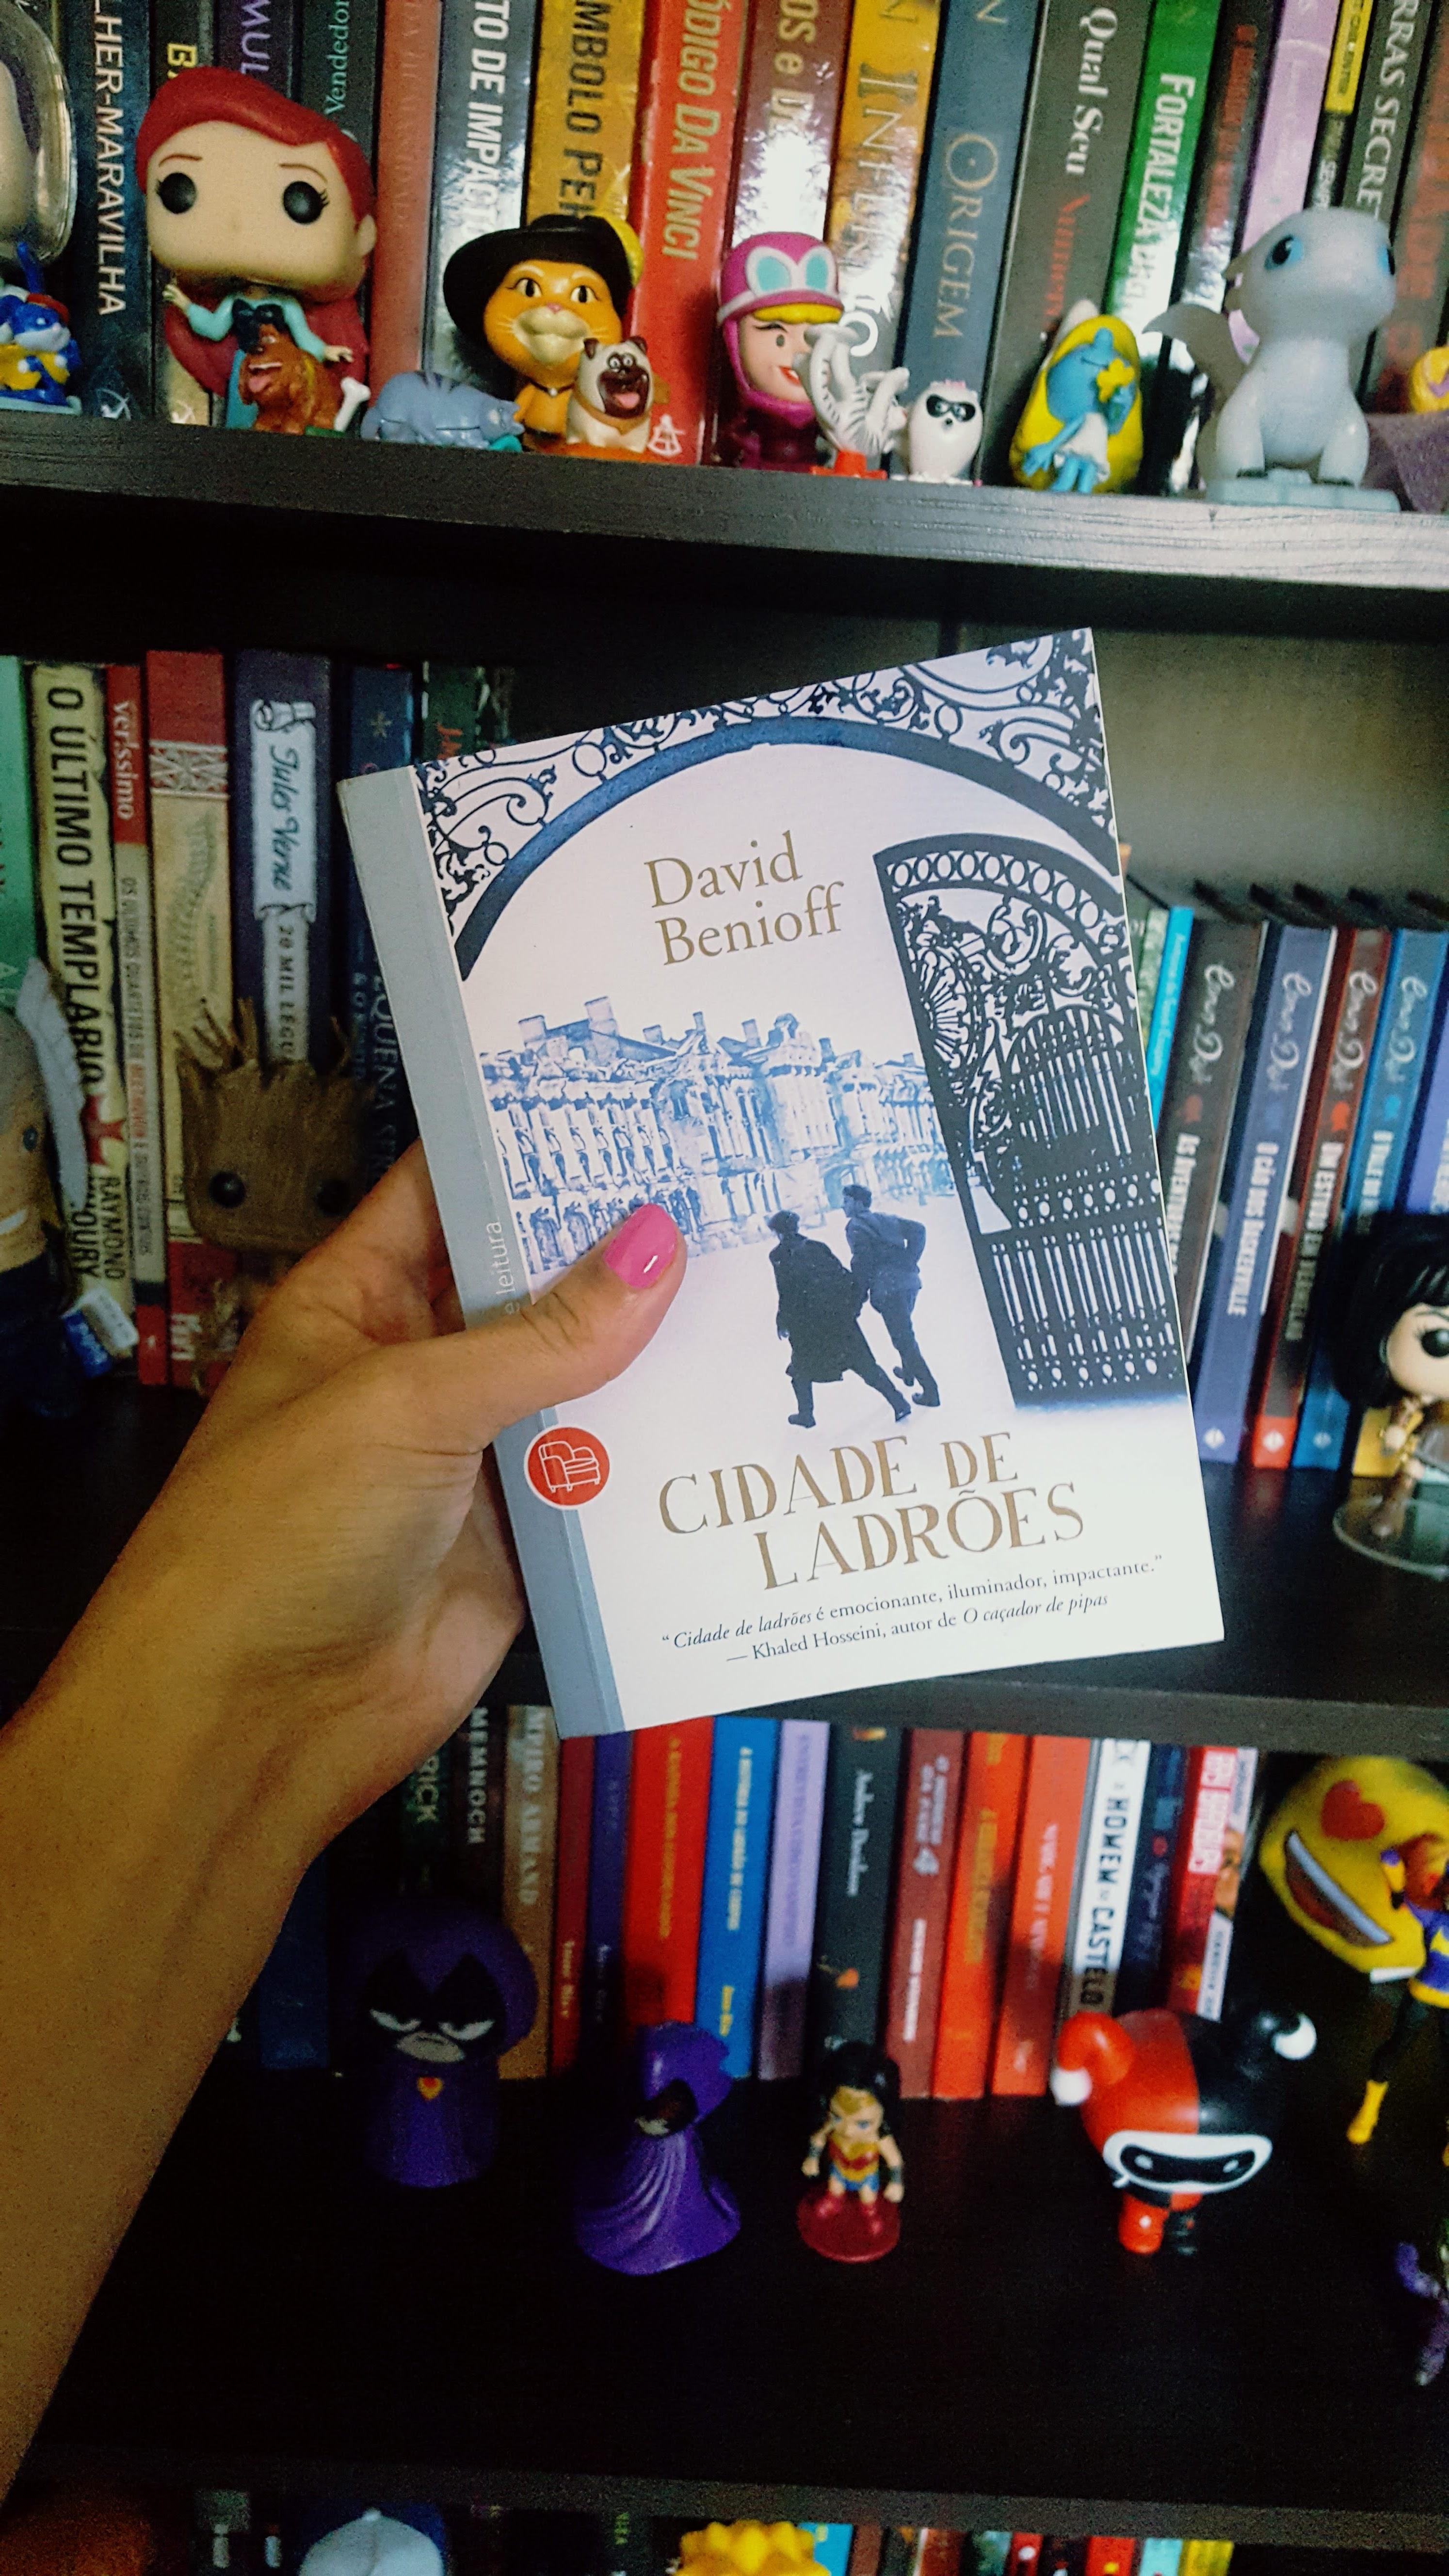 Li até a página 100 | Cidade de ladrões